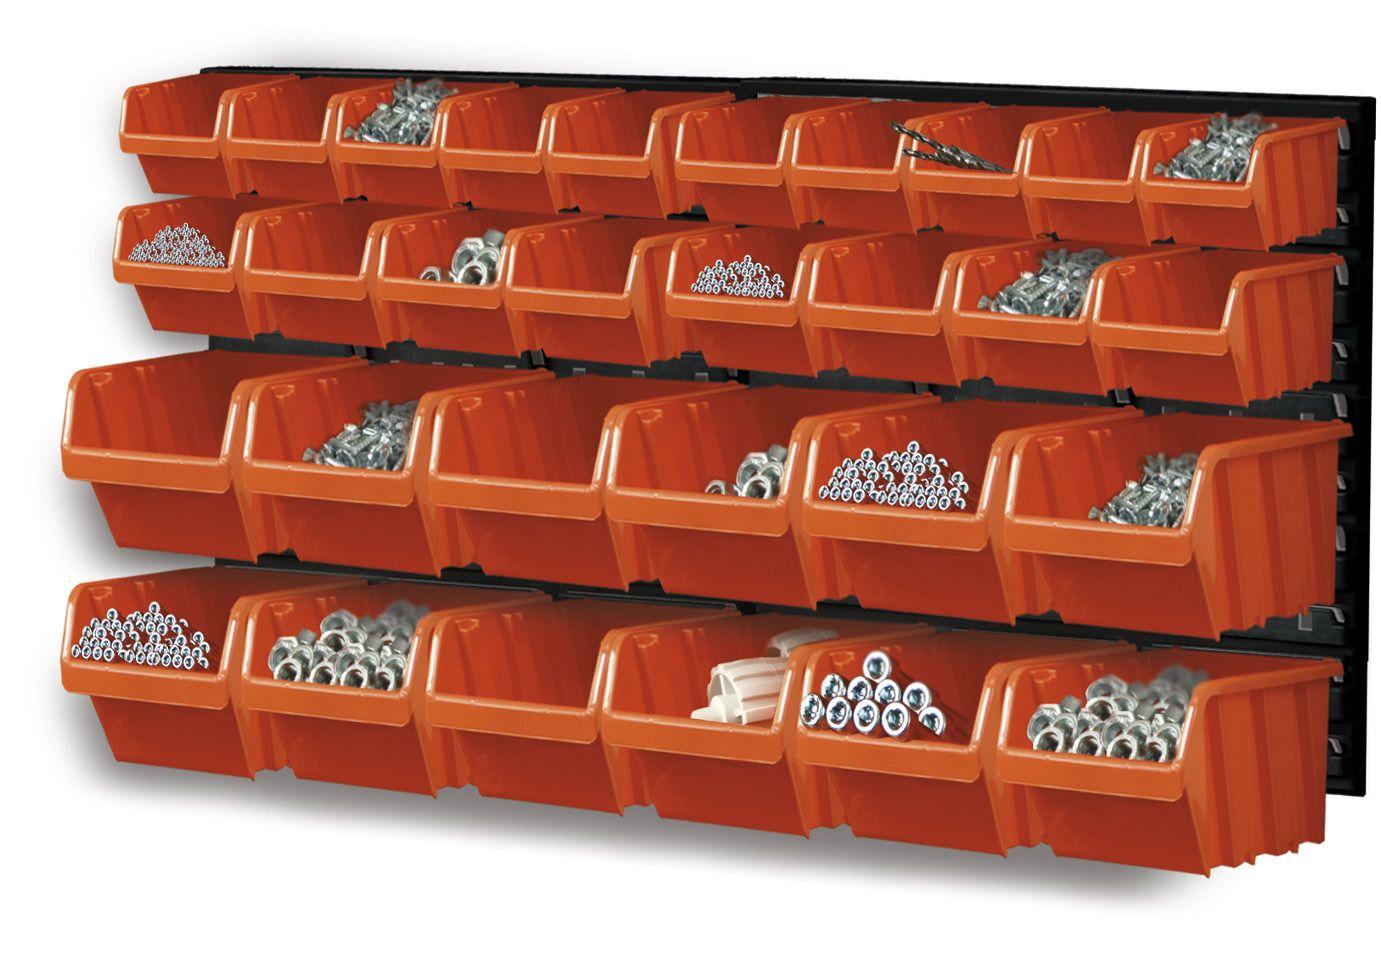 Závěsný organizér/držák s 30 boxy NTBNP3 ORDERLINE